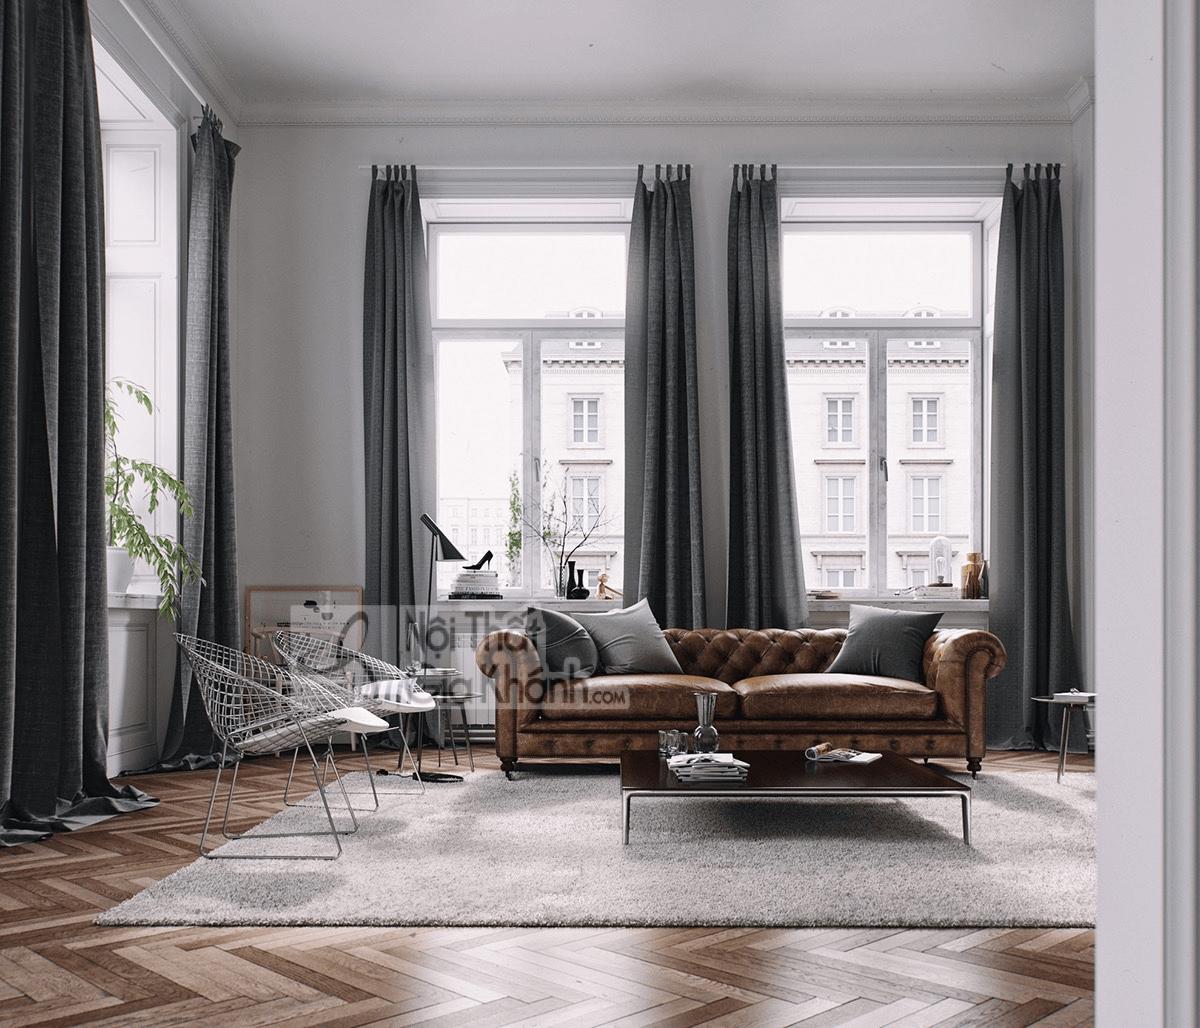 Mẹo trang trí phòng khách với ghế sofa màu nâu - meo trang tri phong khach voi ghe sofa mau nau 6